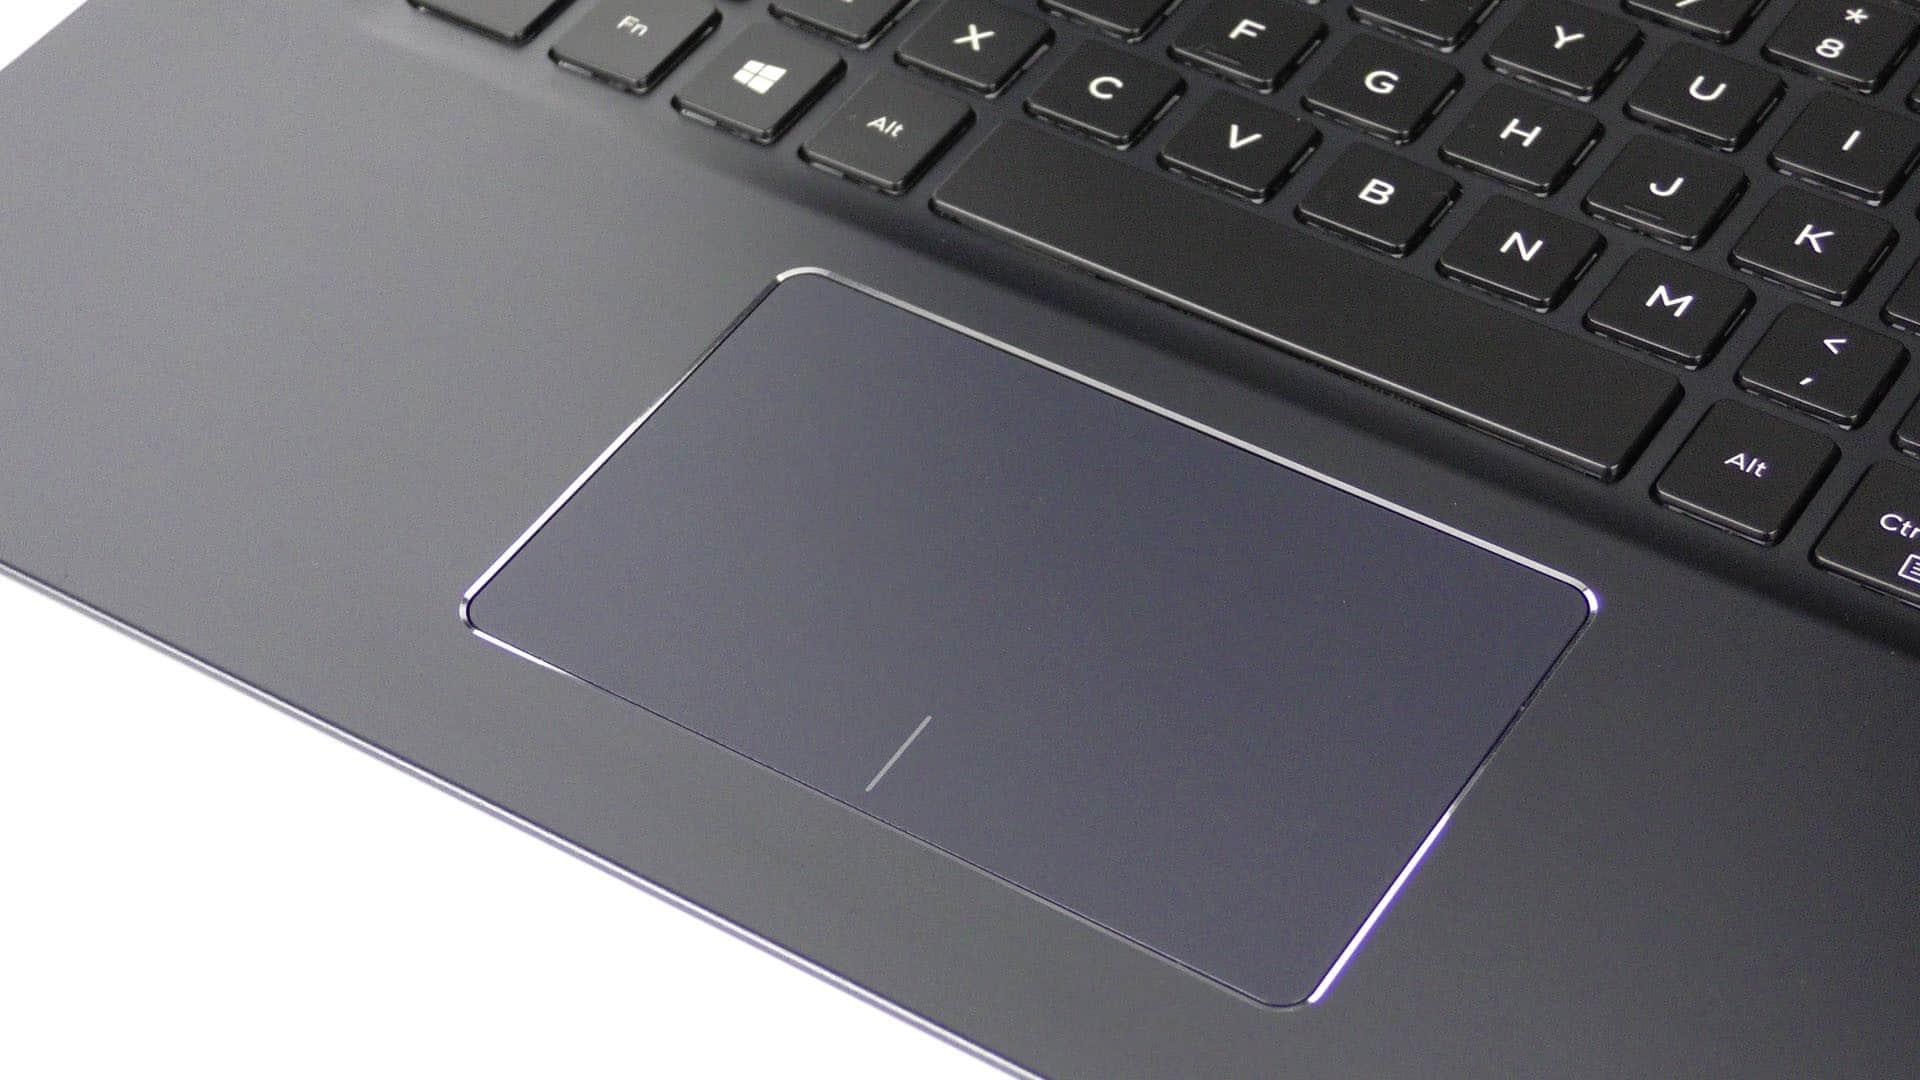 Dell Vostro 5471 - touchpad